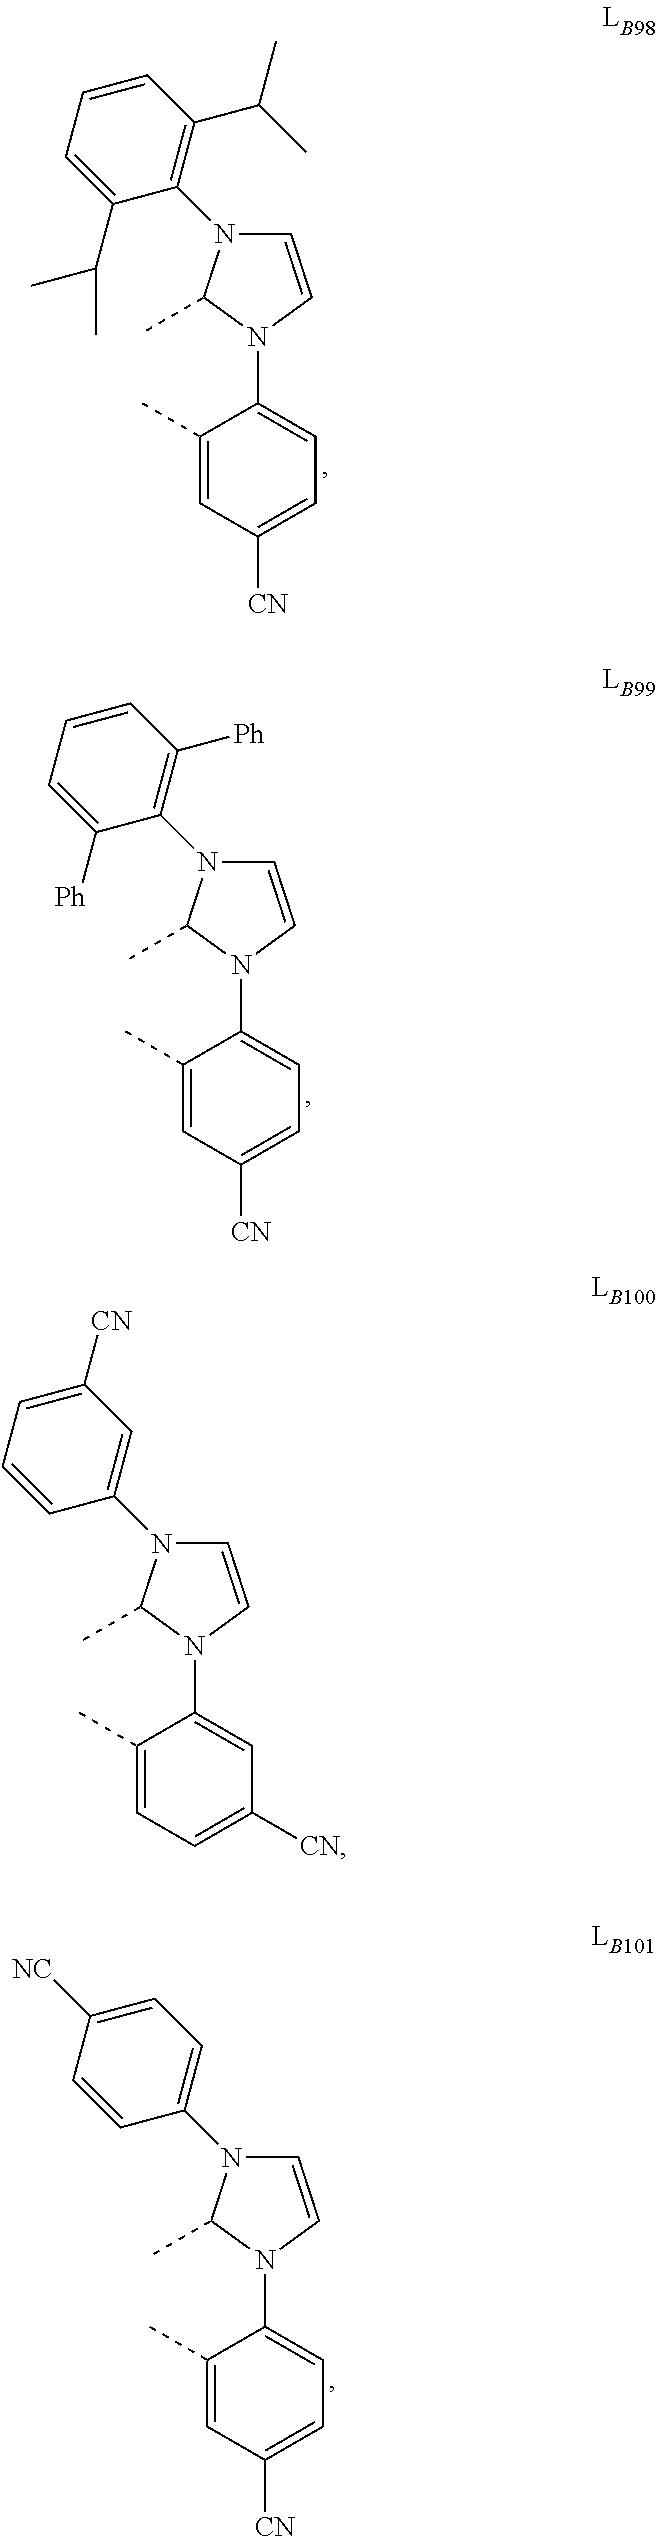 Figure US09905785-20180227-C00519